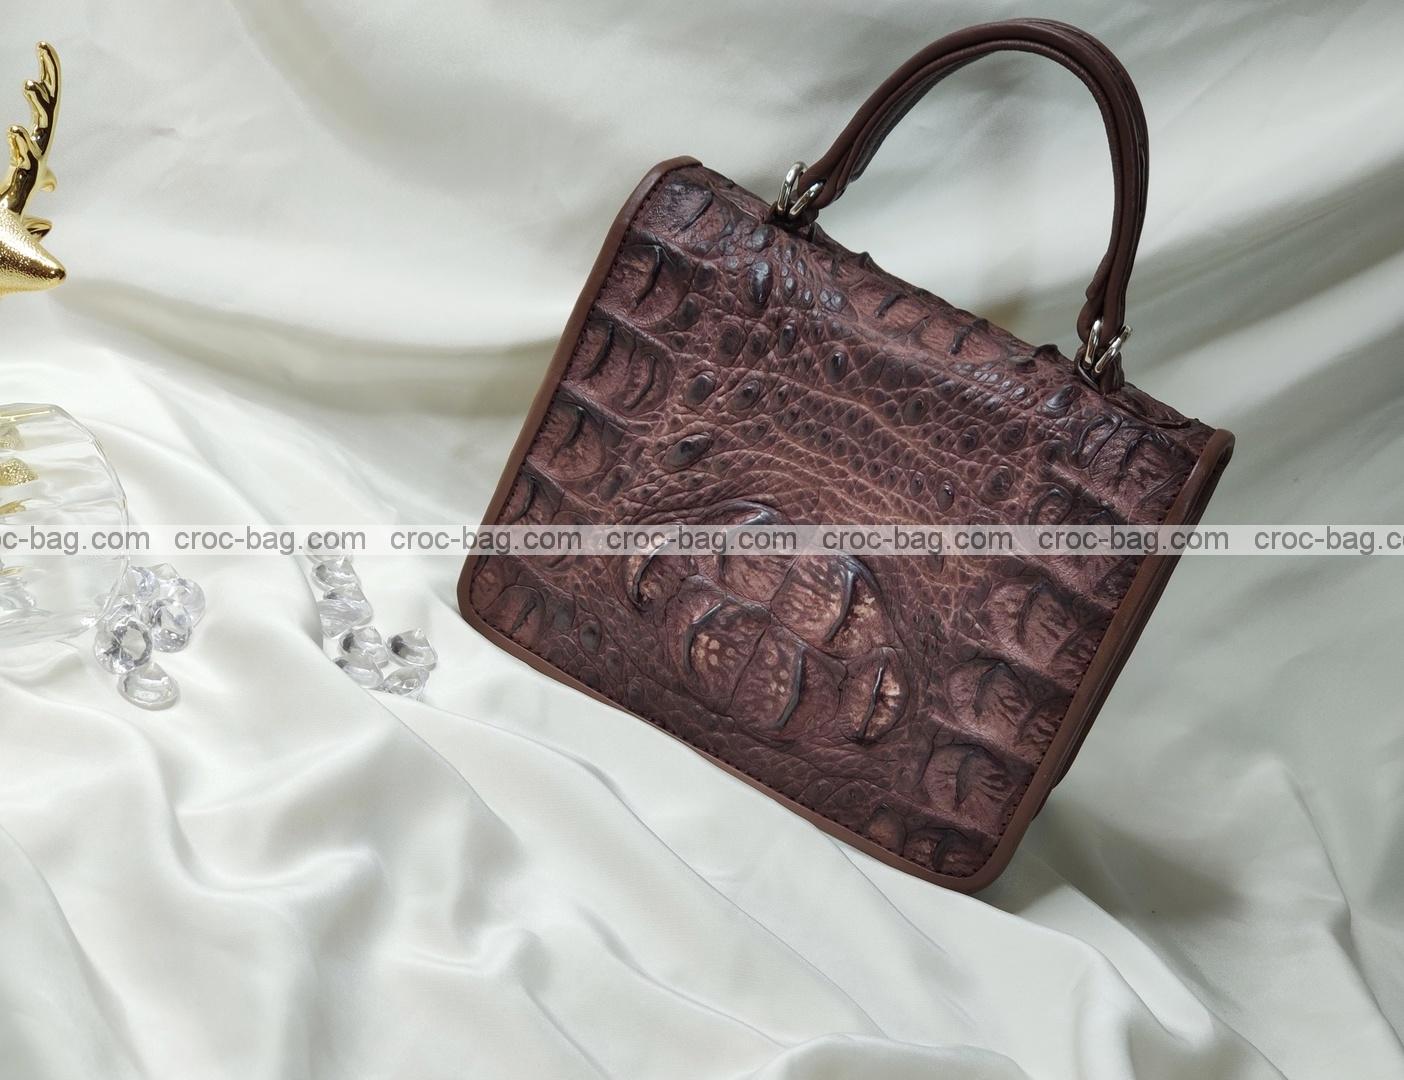 กระเป๋าหนังจระเข้สำหรับผู้หญิง 5271